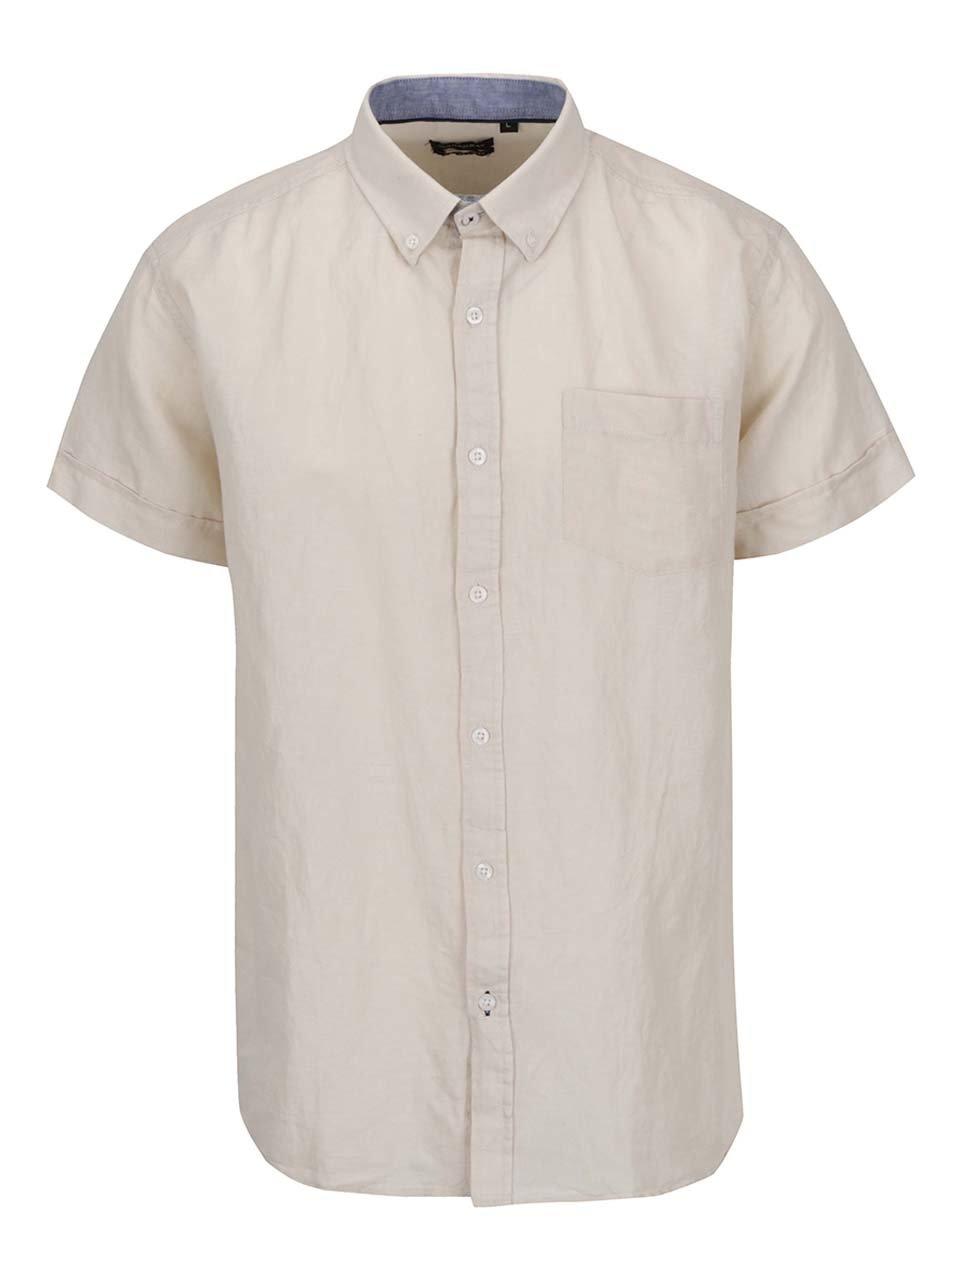 Béžová pánská košile s příměsí lnu Broadway Fayt